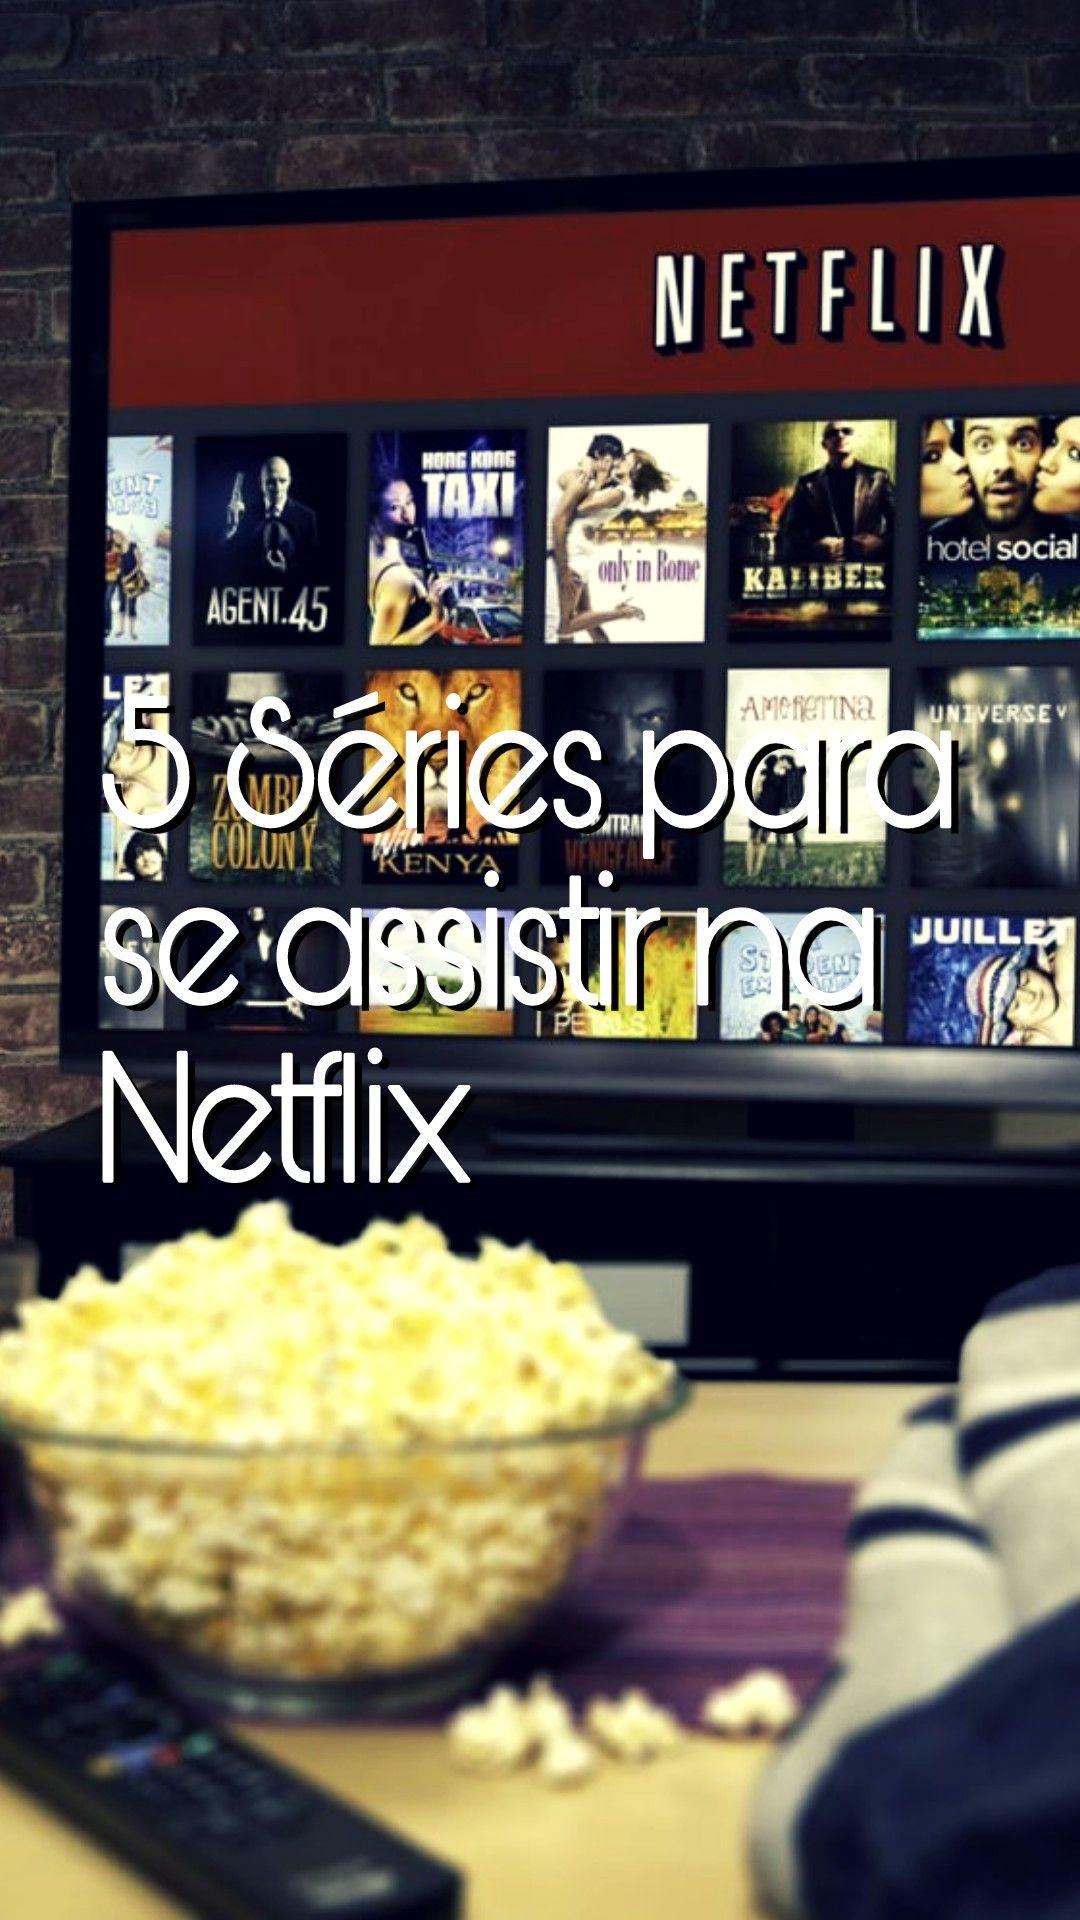 Acabou De Assistir Aquela Serie Vem Ca Que Te Indico 5 Netflix